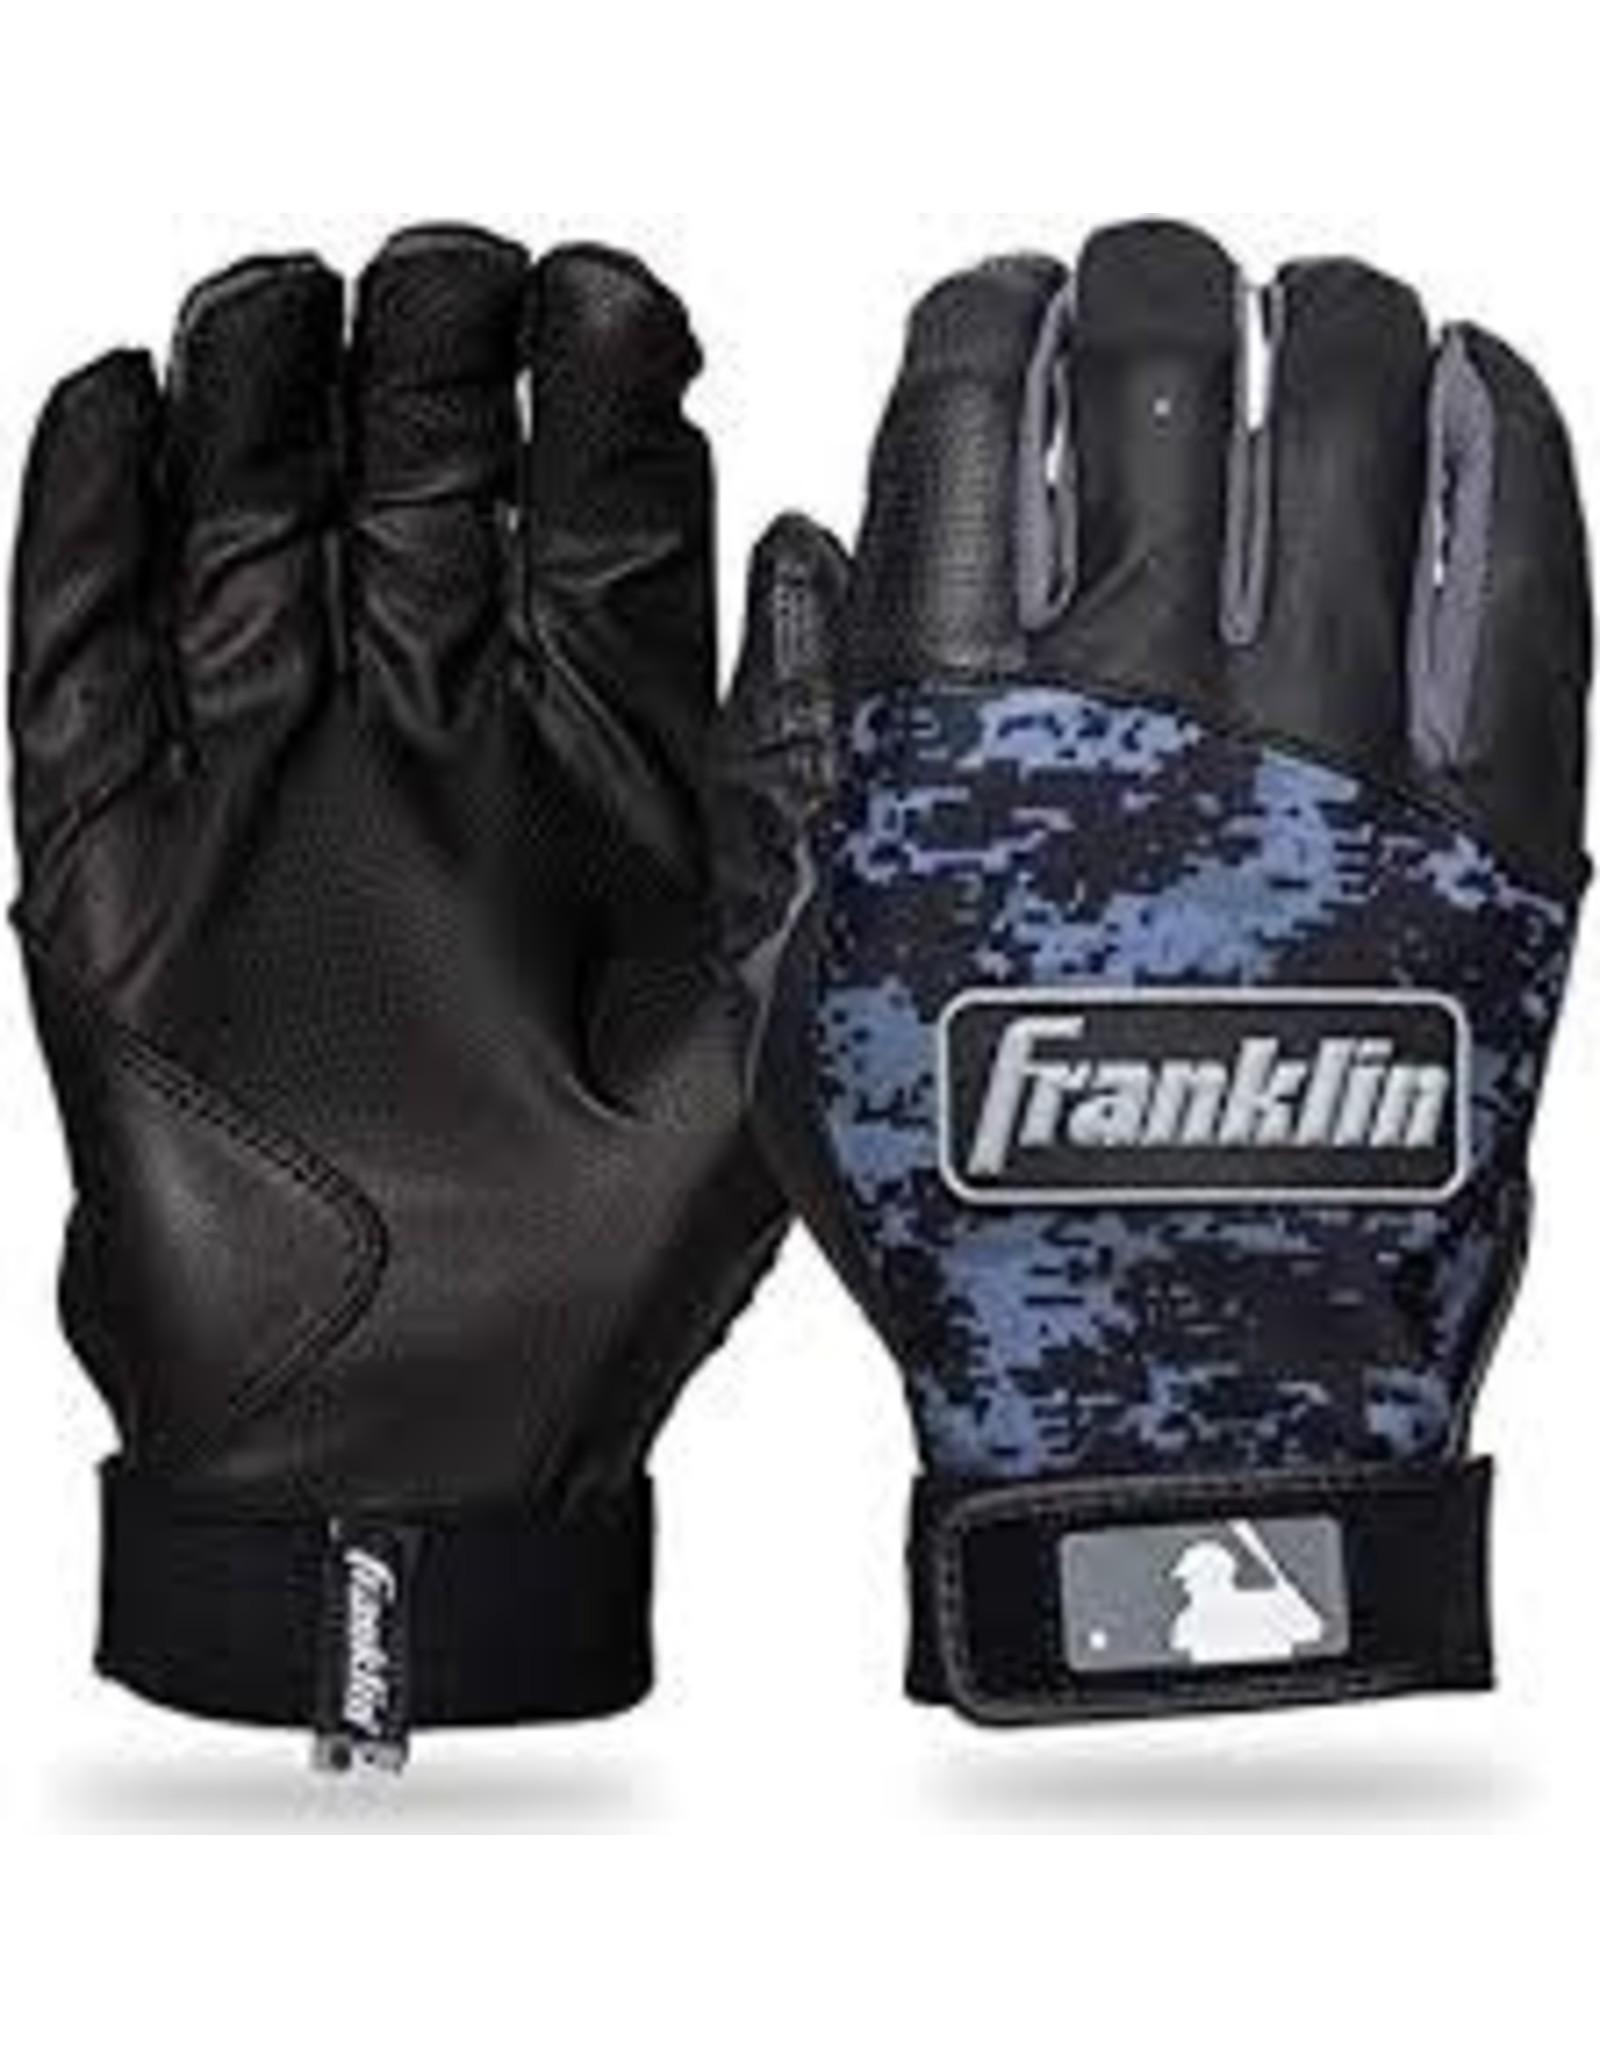 Franklin - Digitek Noir Camo Youth - Large